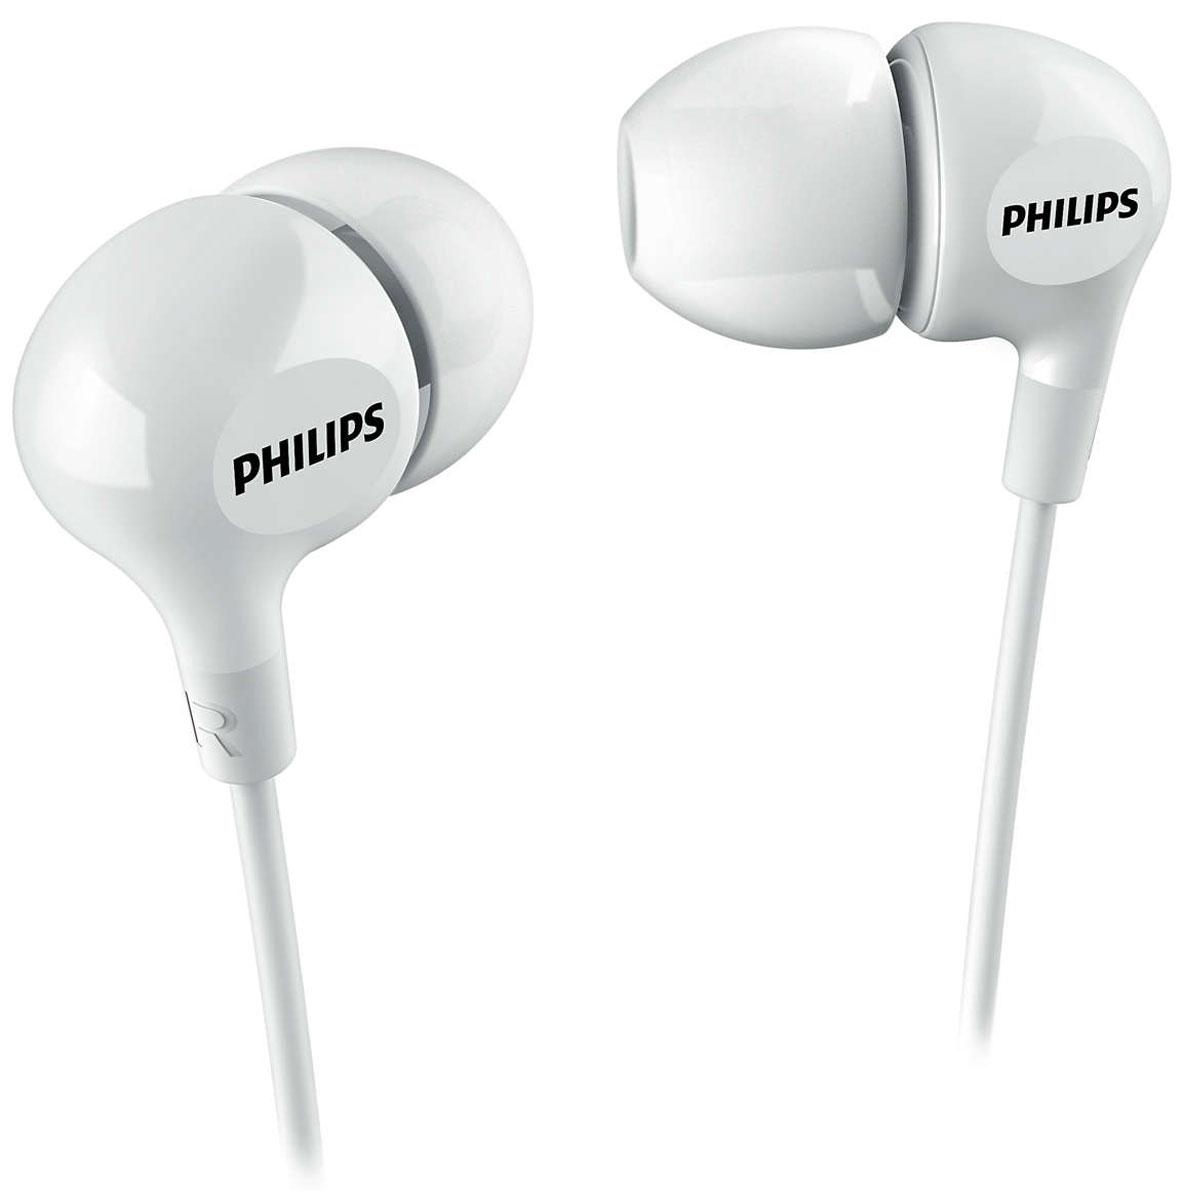 Philips SHE3550, White наушникиSHE3550WT/00Компактные наушники-вкладыши Philips SHE3550 с усиленным басом. Эргономичная овальная звуковая трубка обеспечивает максимально комфортную посадку, подстраиваясь под форму уха. В комплект входят насадки 3 размеров, чтобы вы могли выбрать для себя подходящий вариант.Мягкий резиновый сгиб предотвращает повреждение контактов при многократном сгибании кабеля и продлевает срок службы наушников.